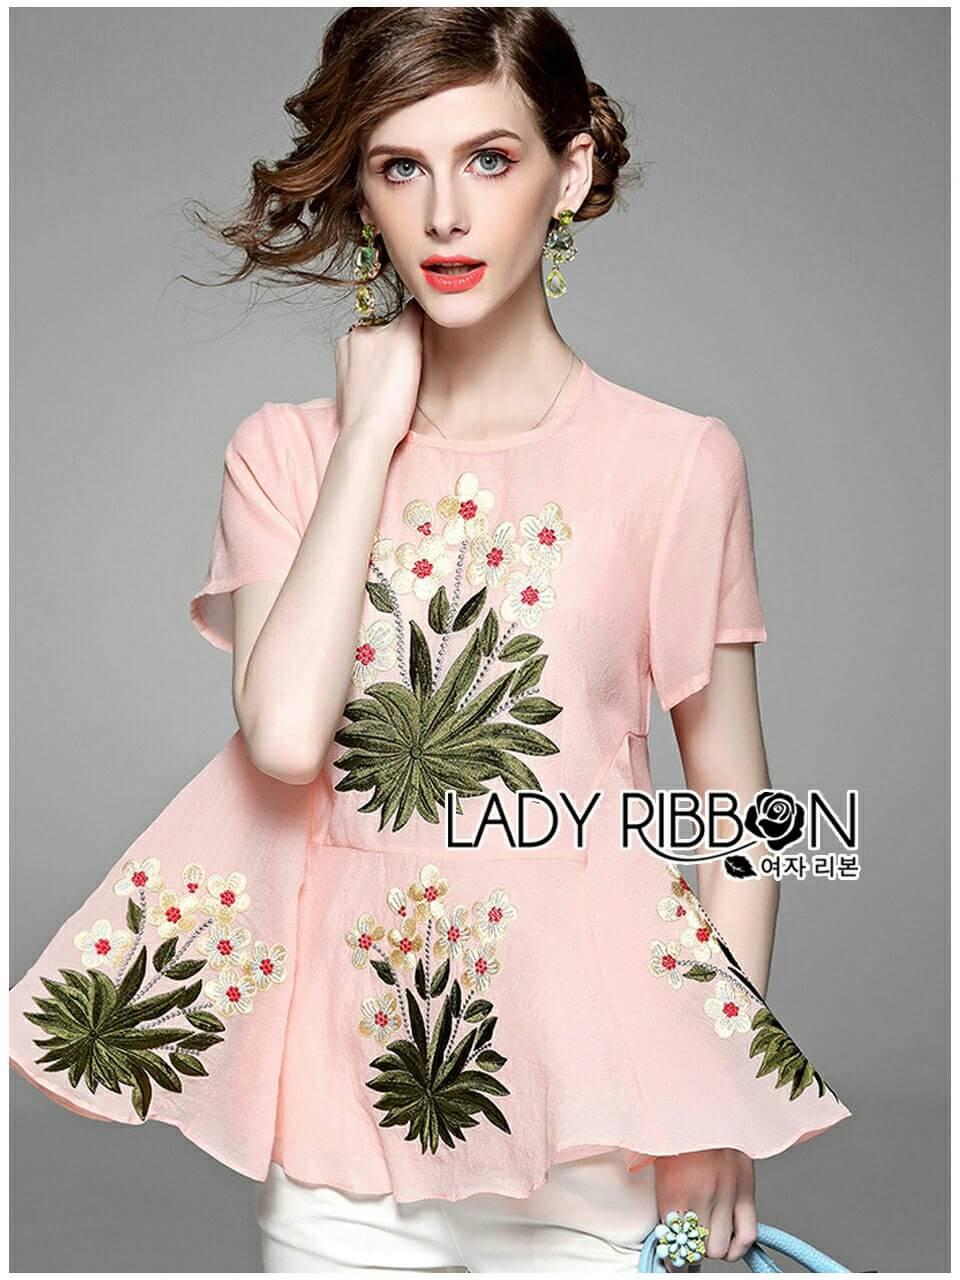 เสื้อทรงระบายตกแต่งด้วยดอกไม้ปักสุดหวาน